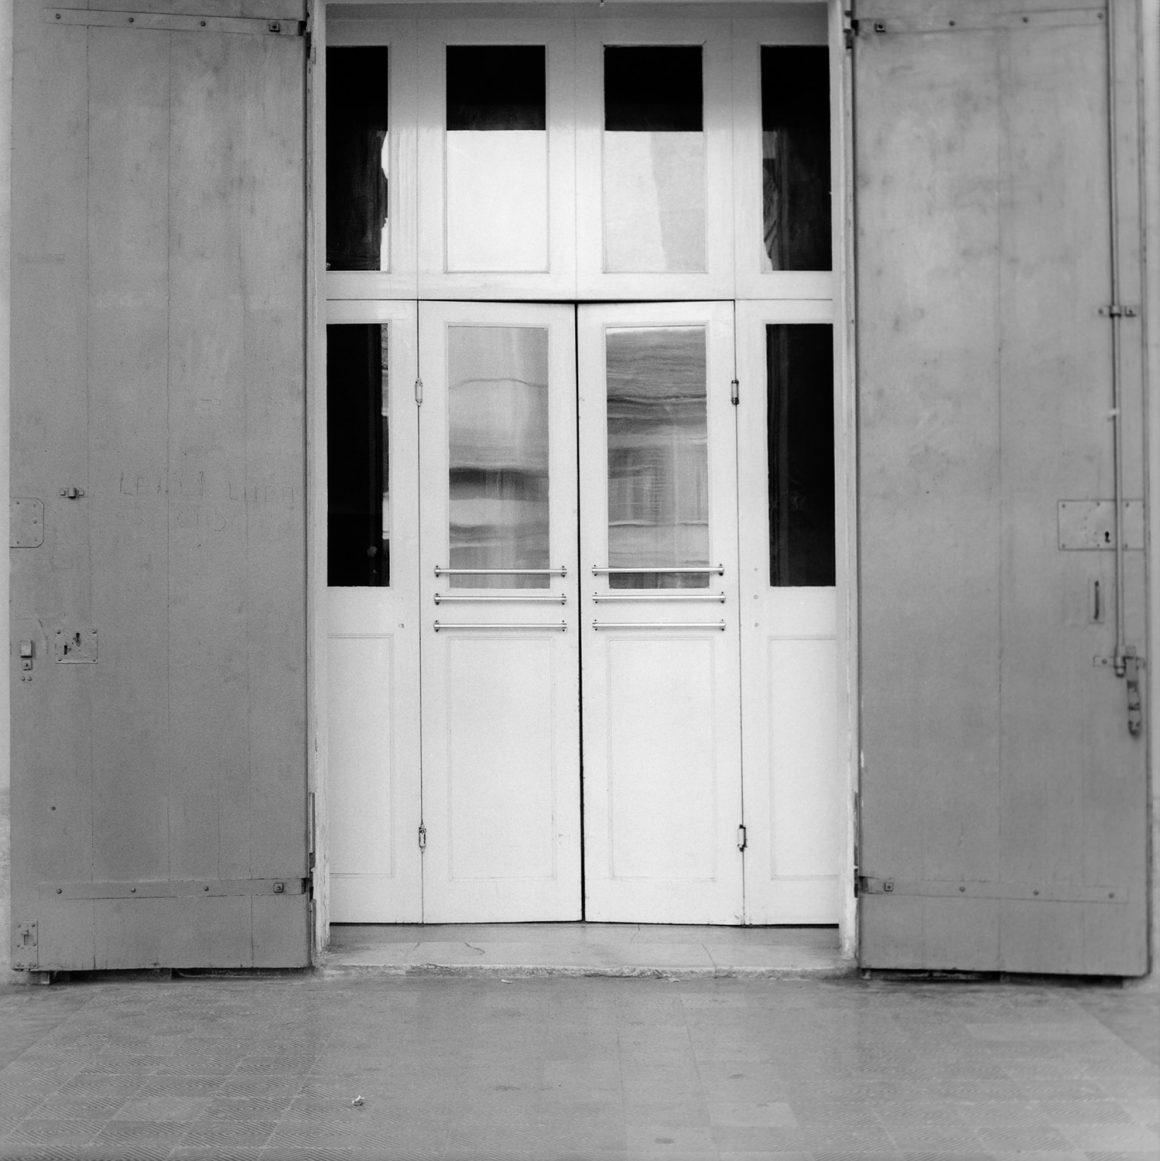 Guido Guidi, Teatro Bonci, Cesena, 1984, stampa ai sali d'argento, cm 24x30, © Guido Guidi, courtesy Viasaterna